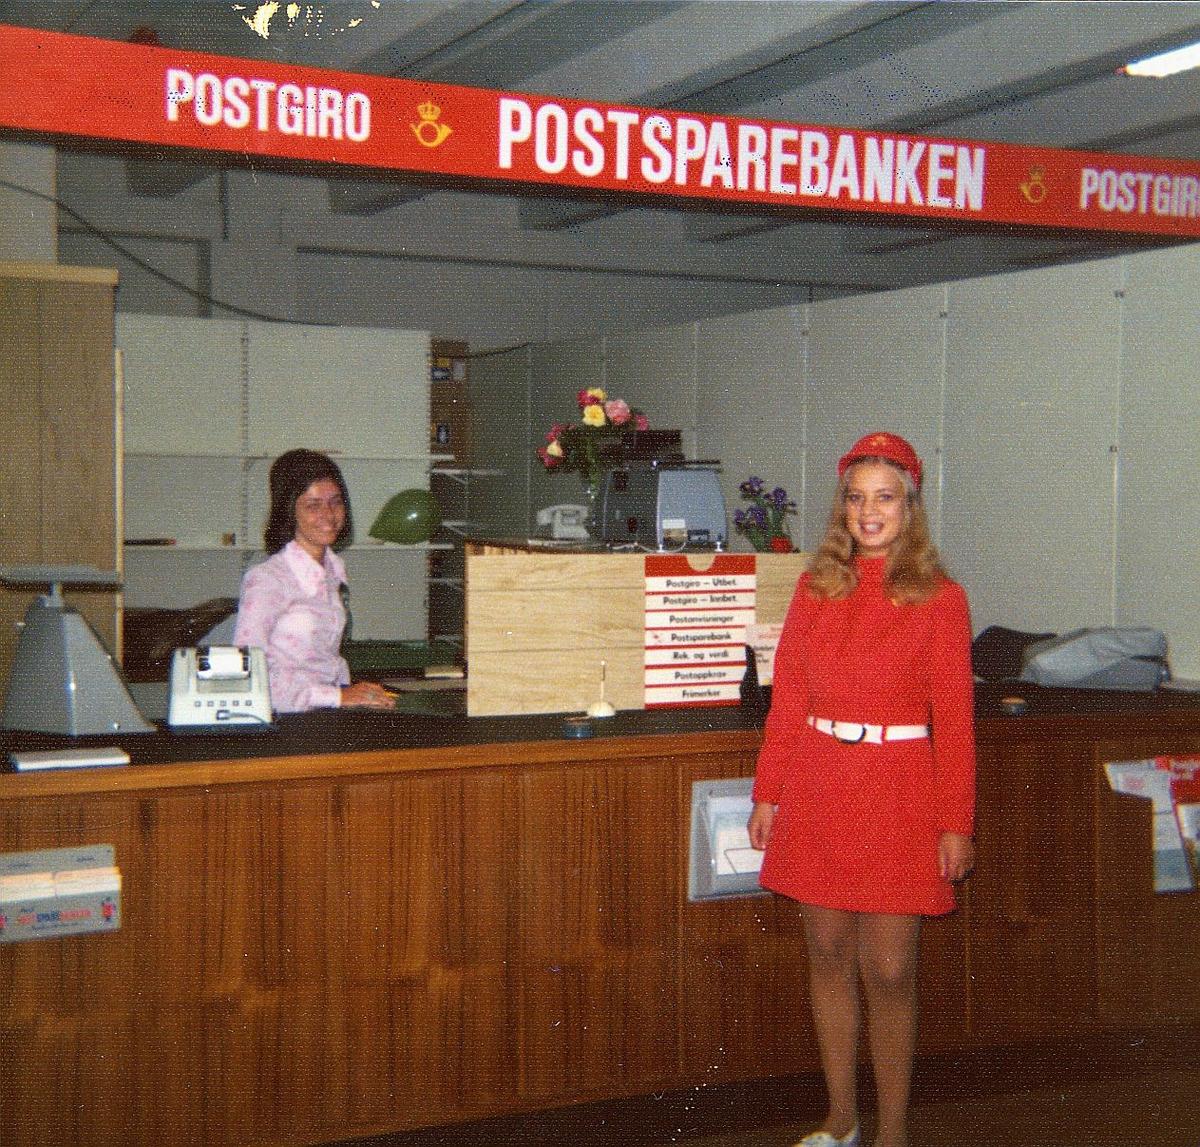 markedsseksjonen, Jærdagene, motivdatostempel, 24.-25.5., postfilial, ved Egersund stormarked, interiør, 2 damer